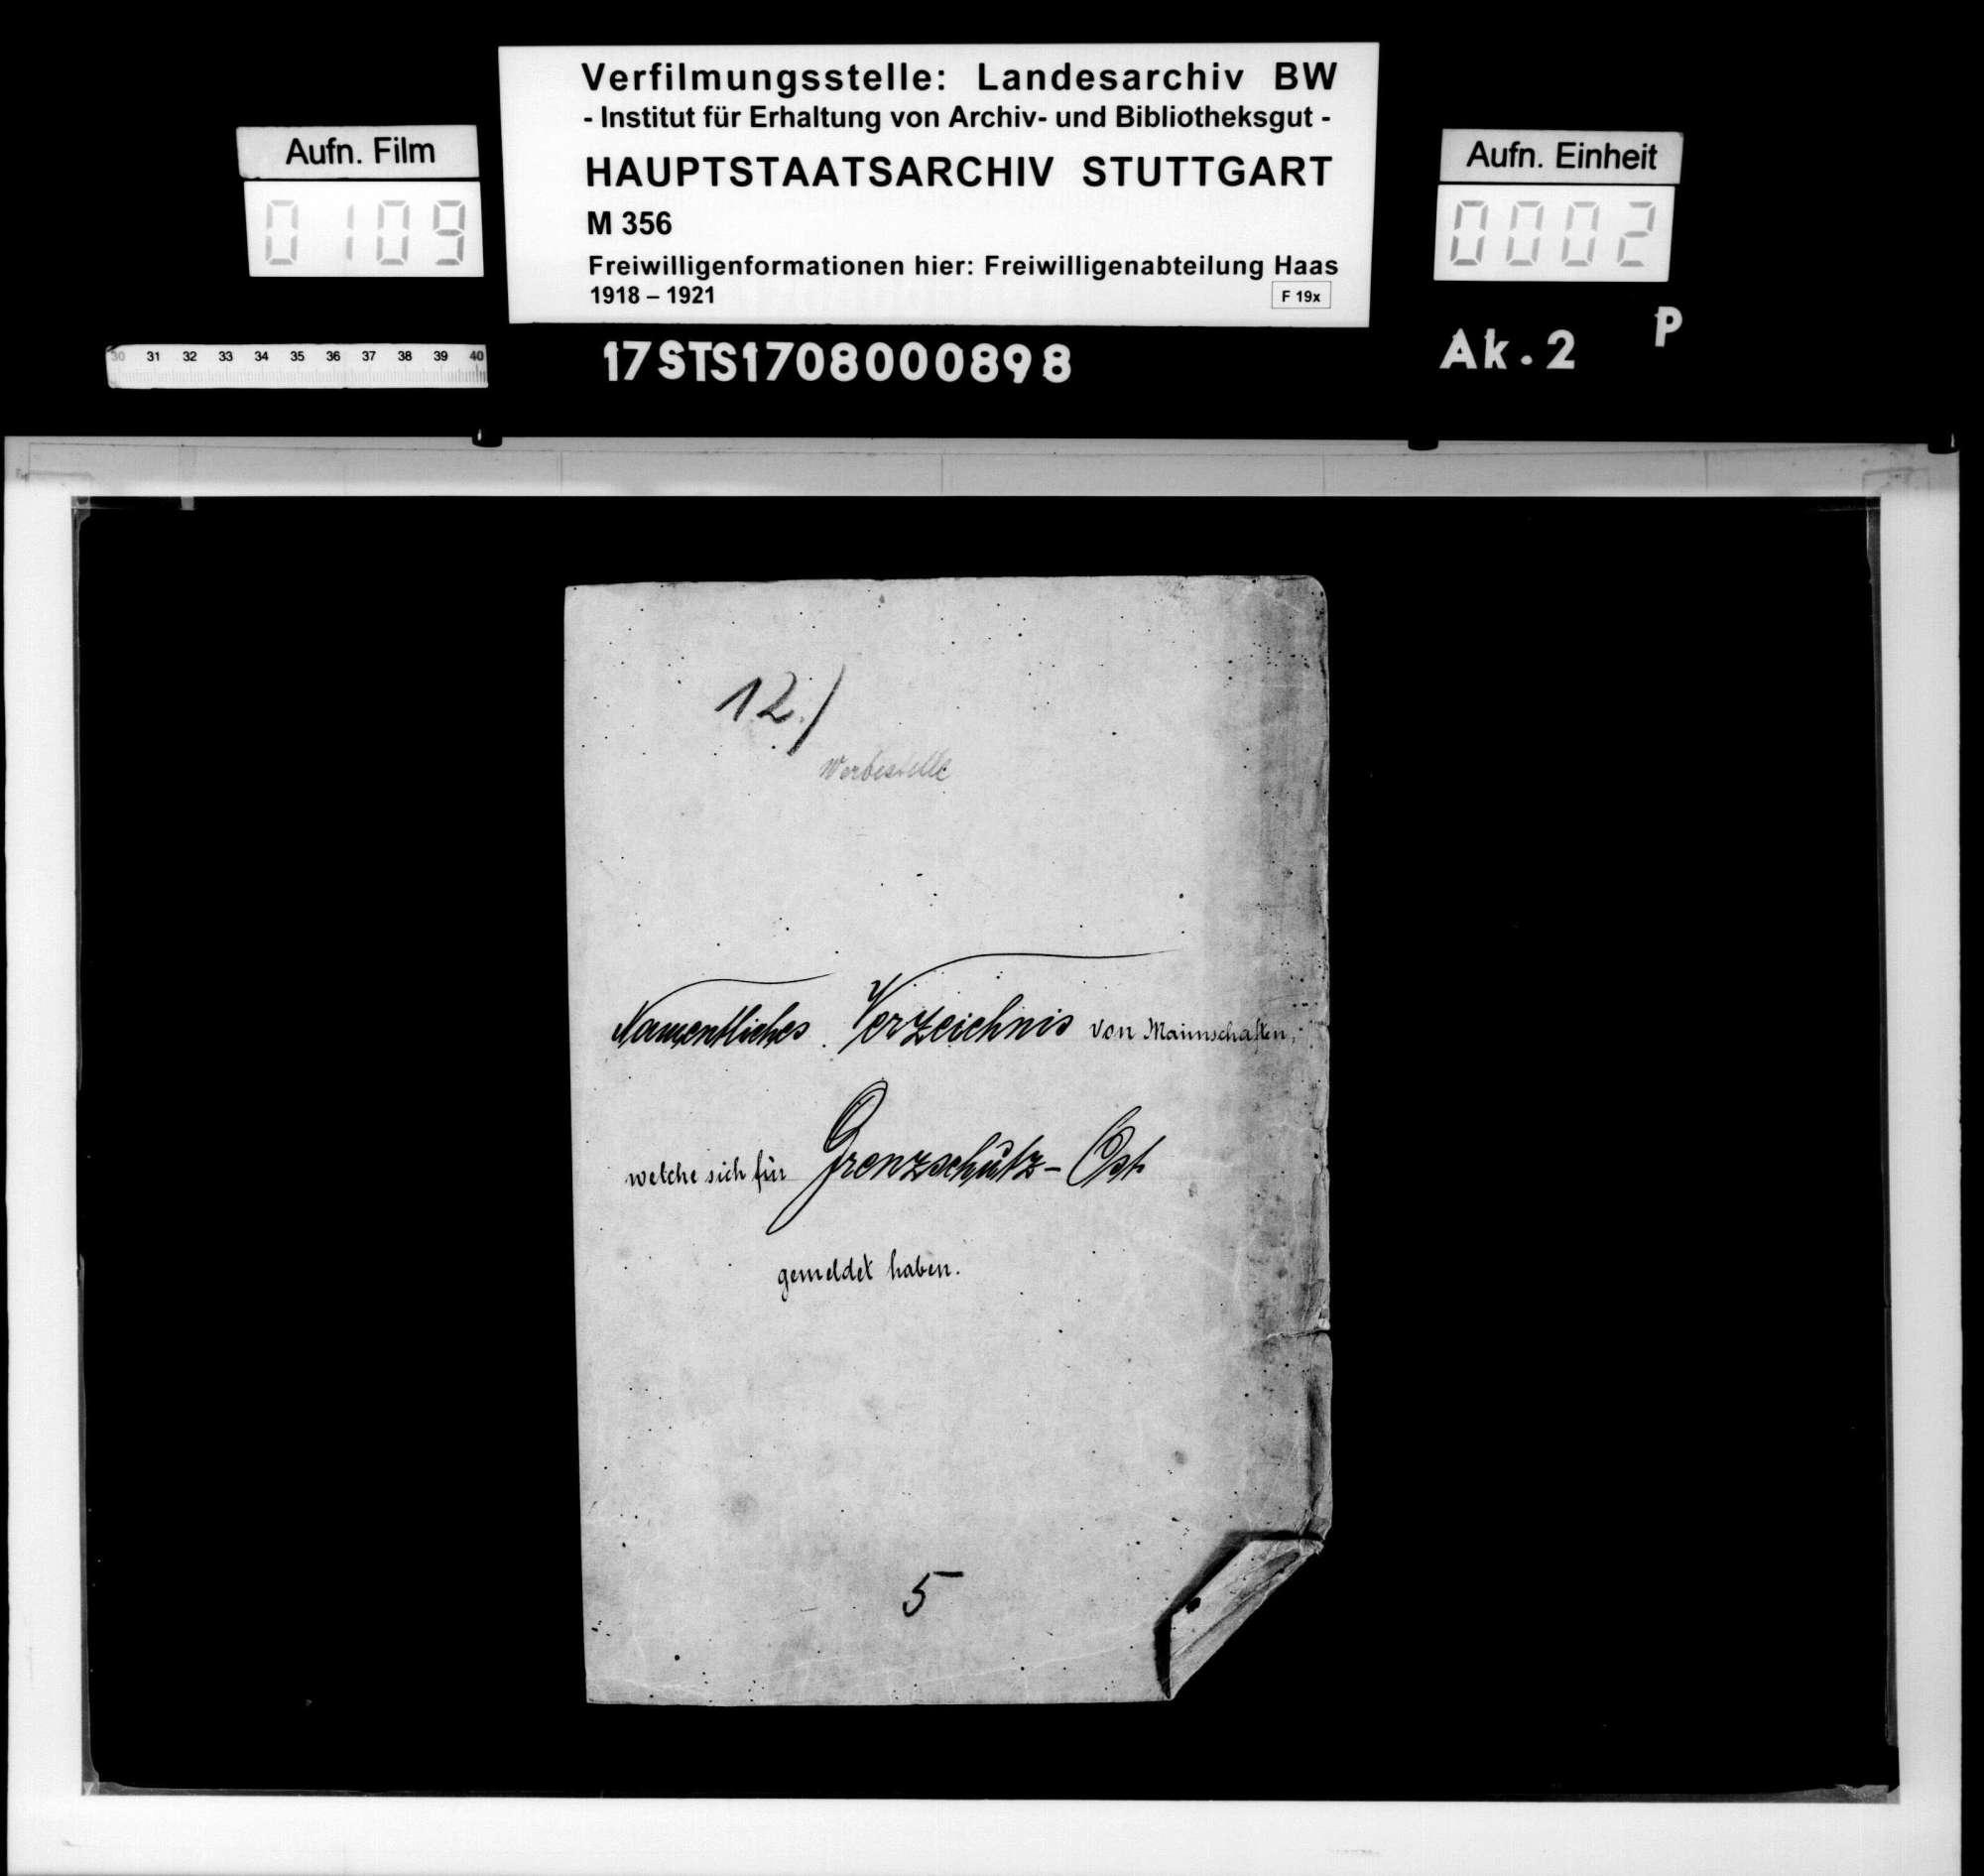 """Aufnahme von Mannschaften für den """"Grenzschutz Ost"""", Bild 1"""